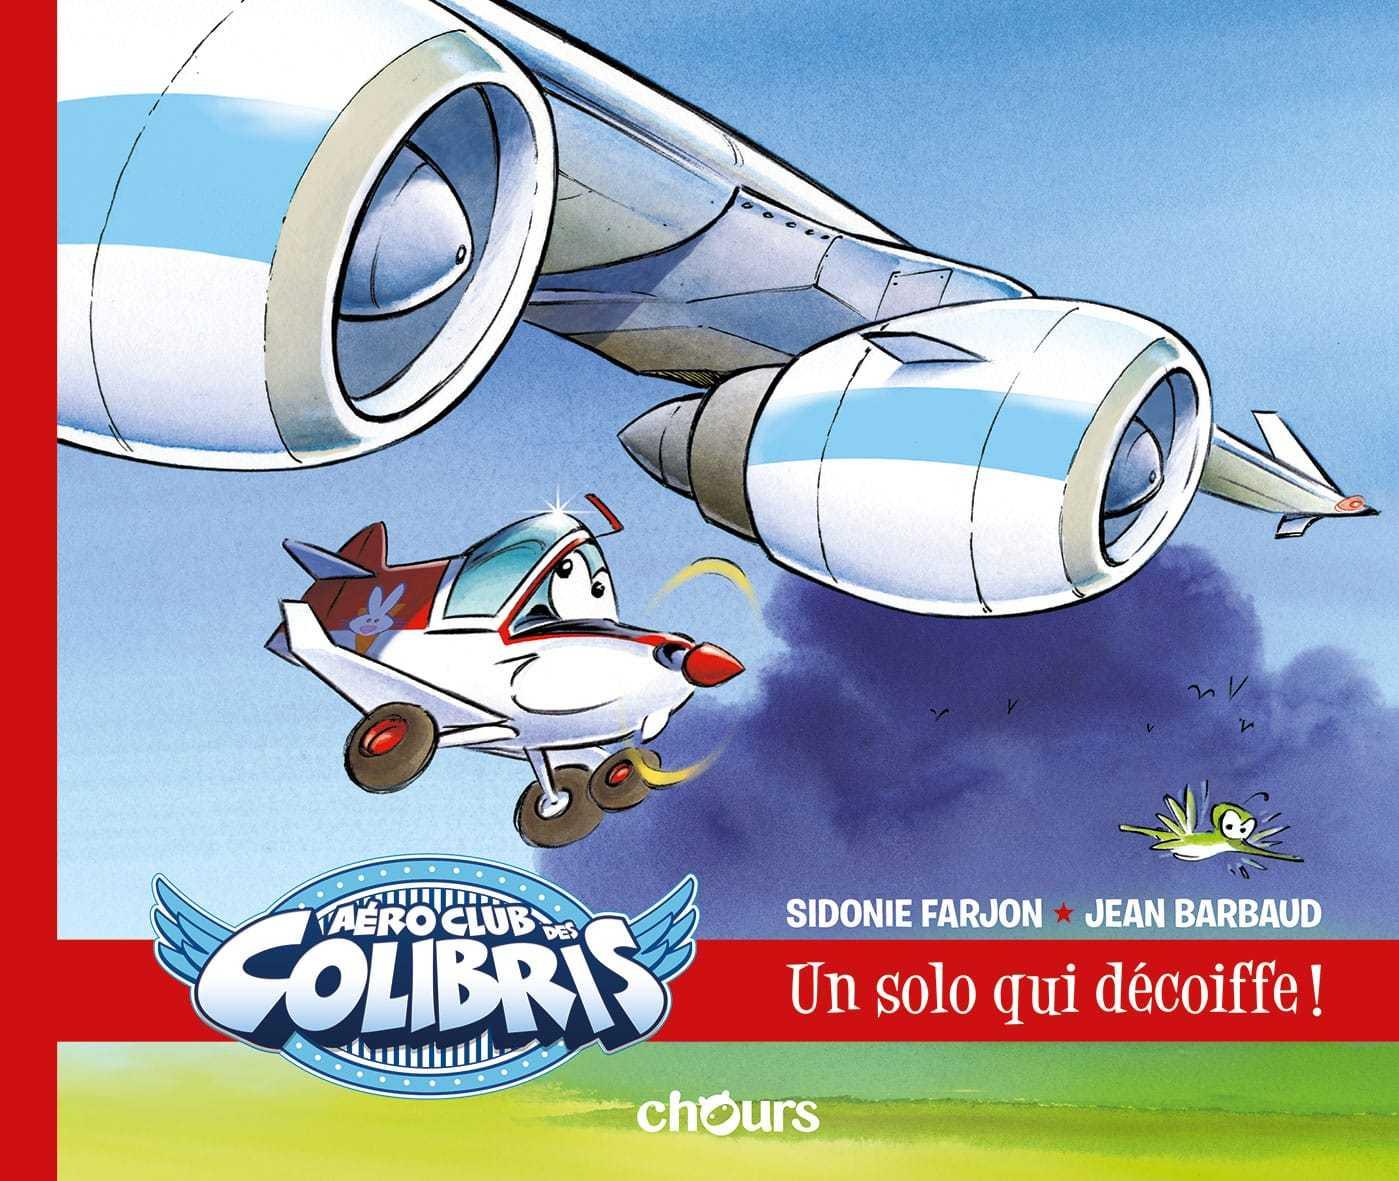 Aéroclub des Colibris T2, Oscar en solo